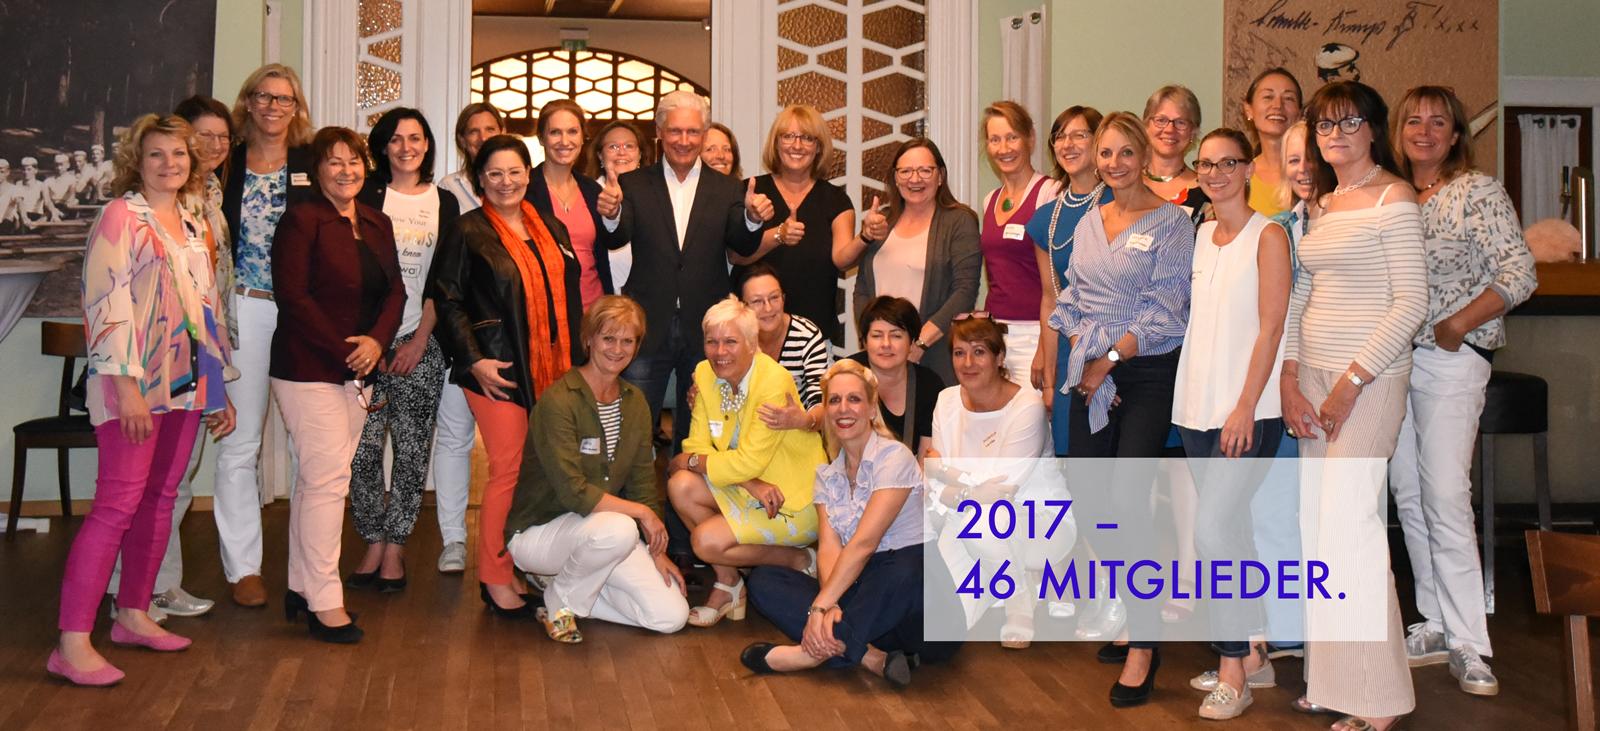 2017_46Mitglieder-fbnw